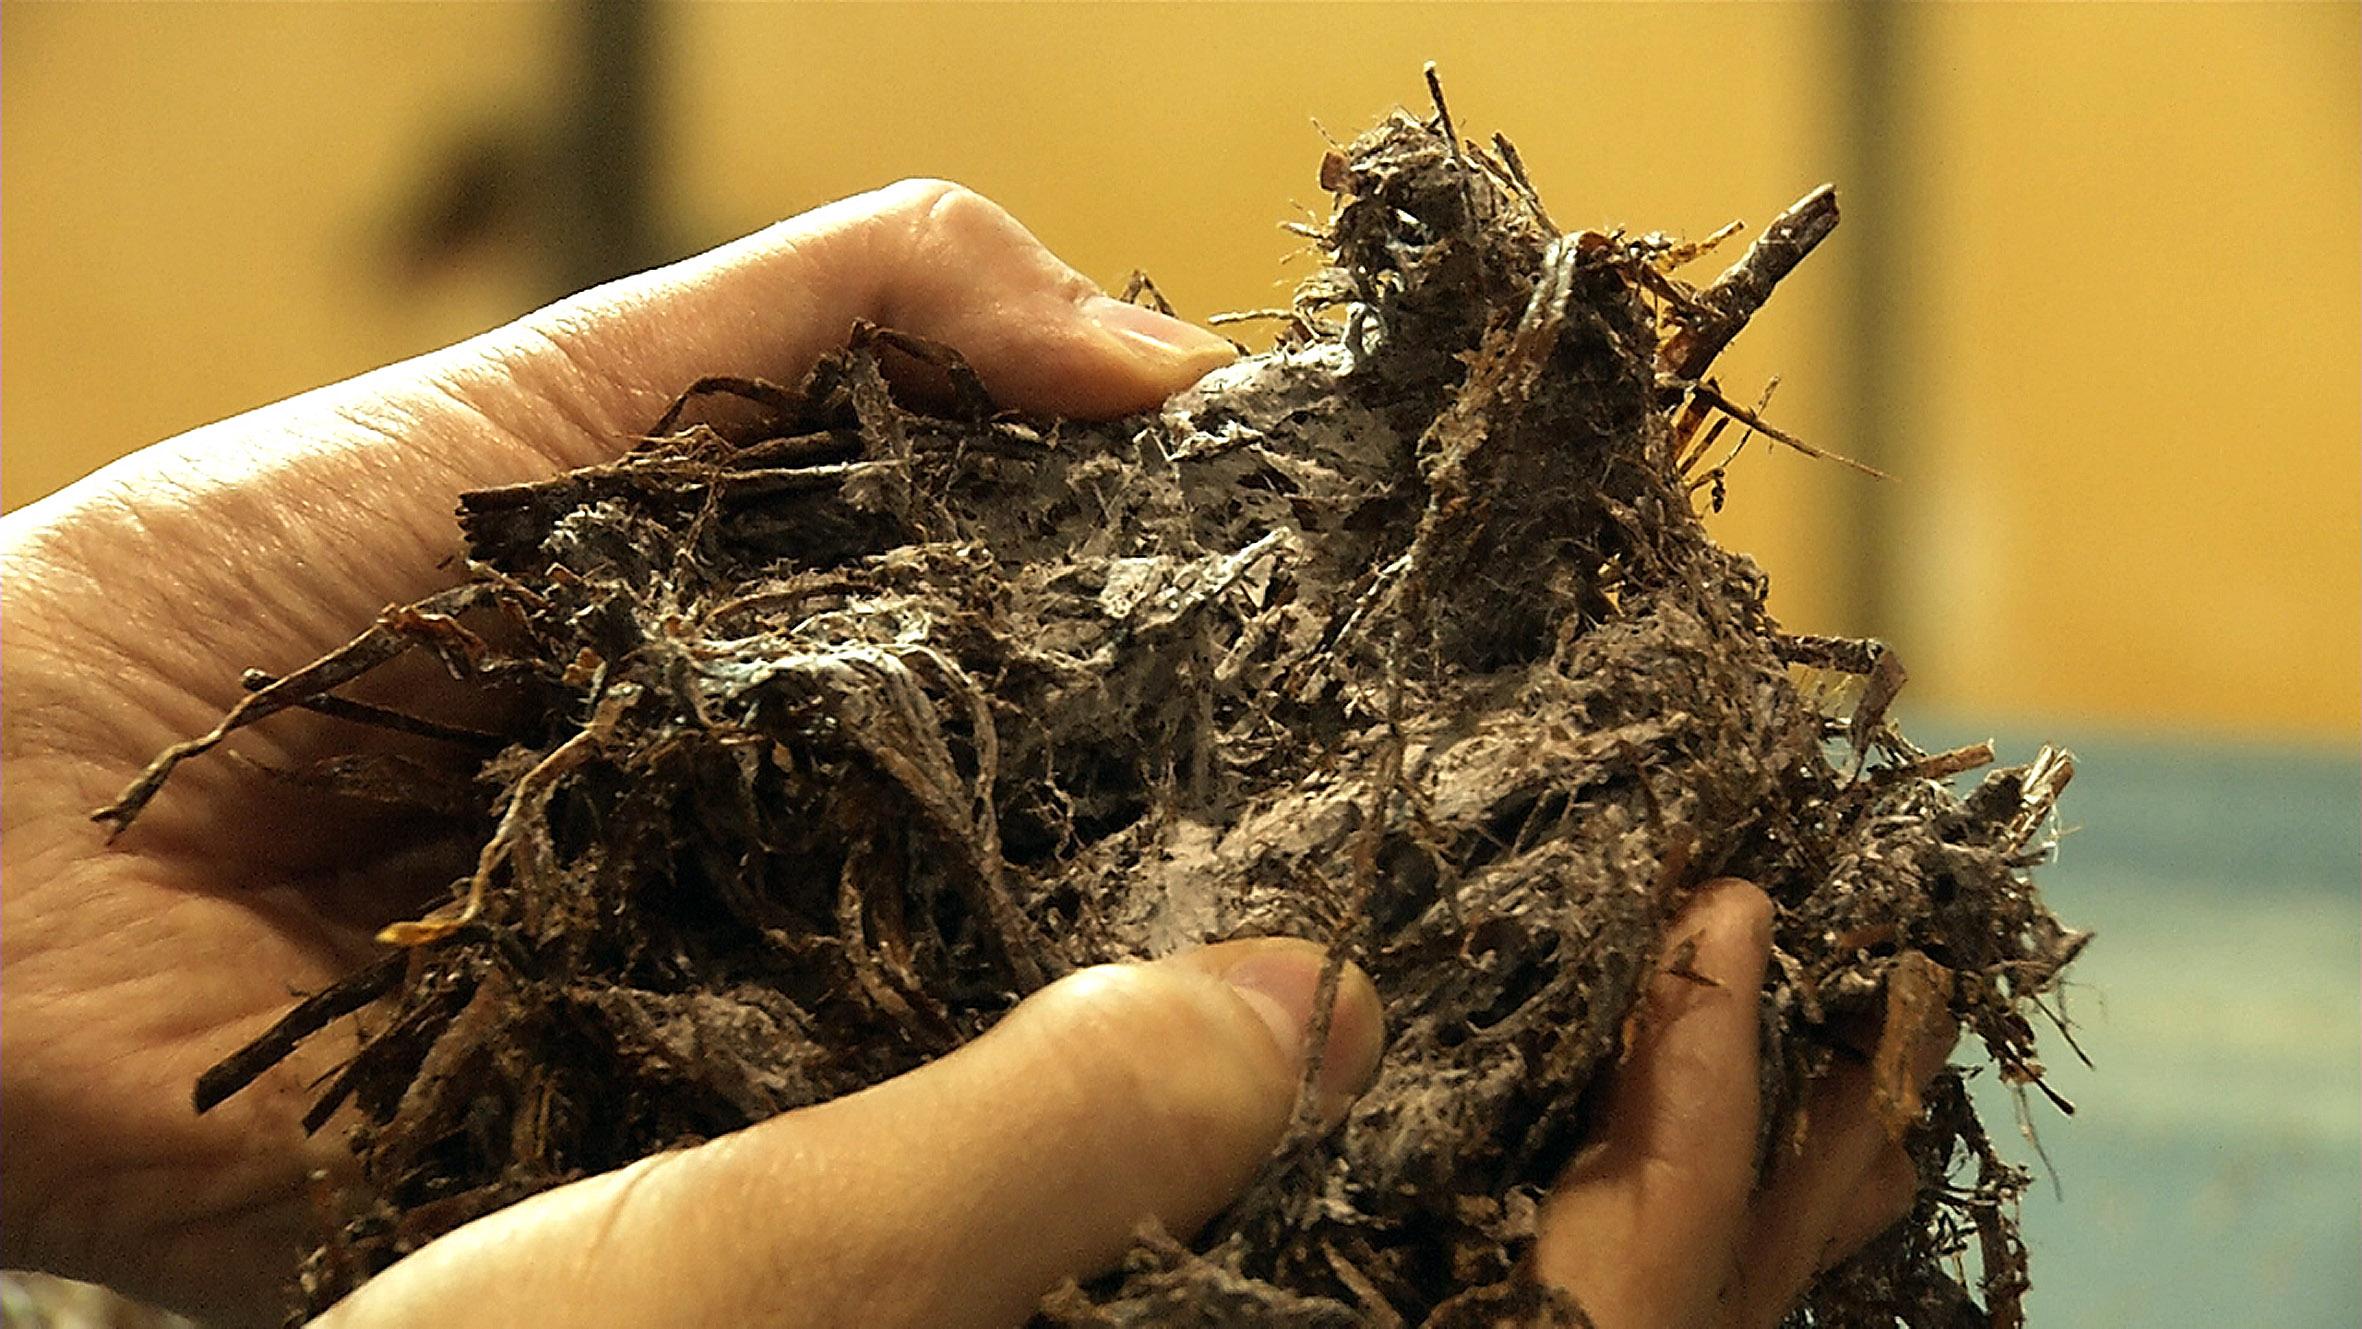 Der Stoff, auf dem die Champignons wachsen